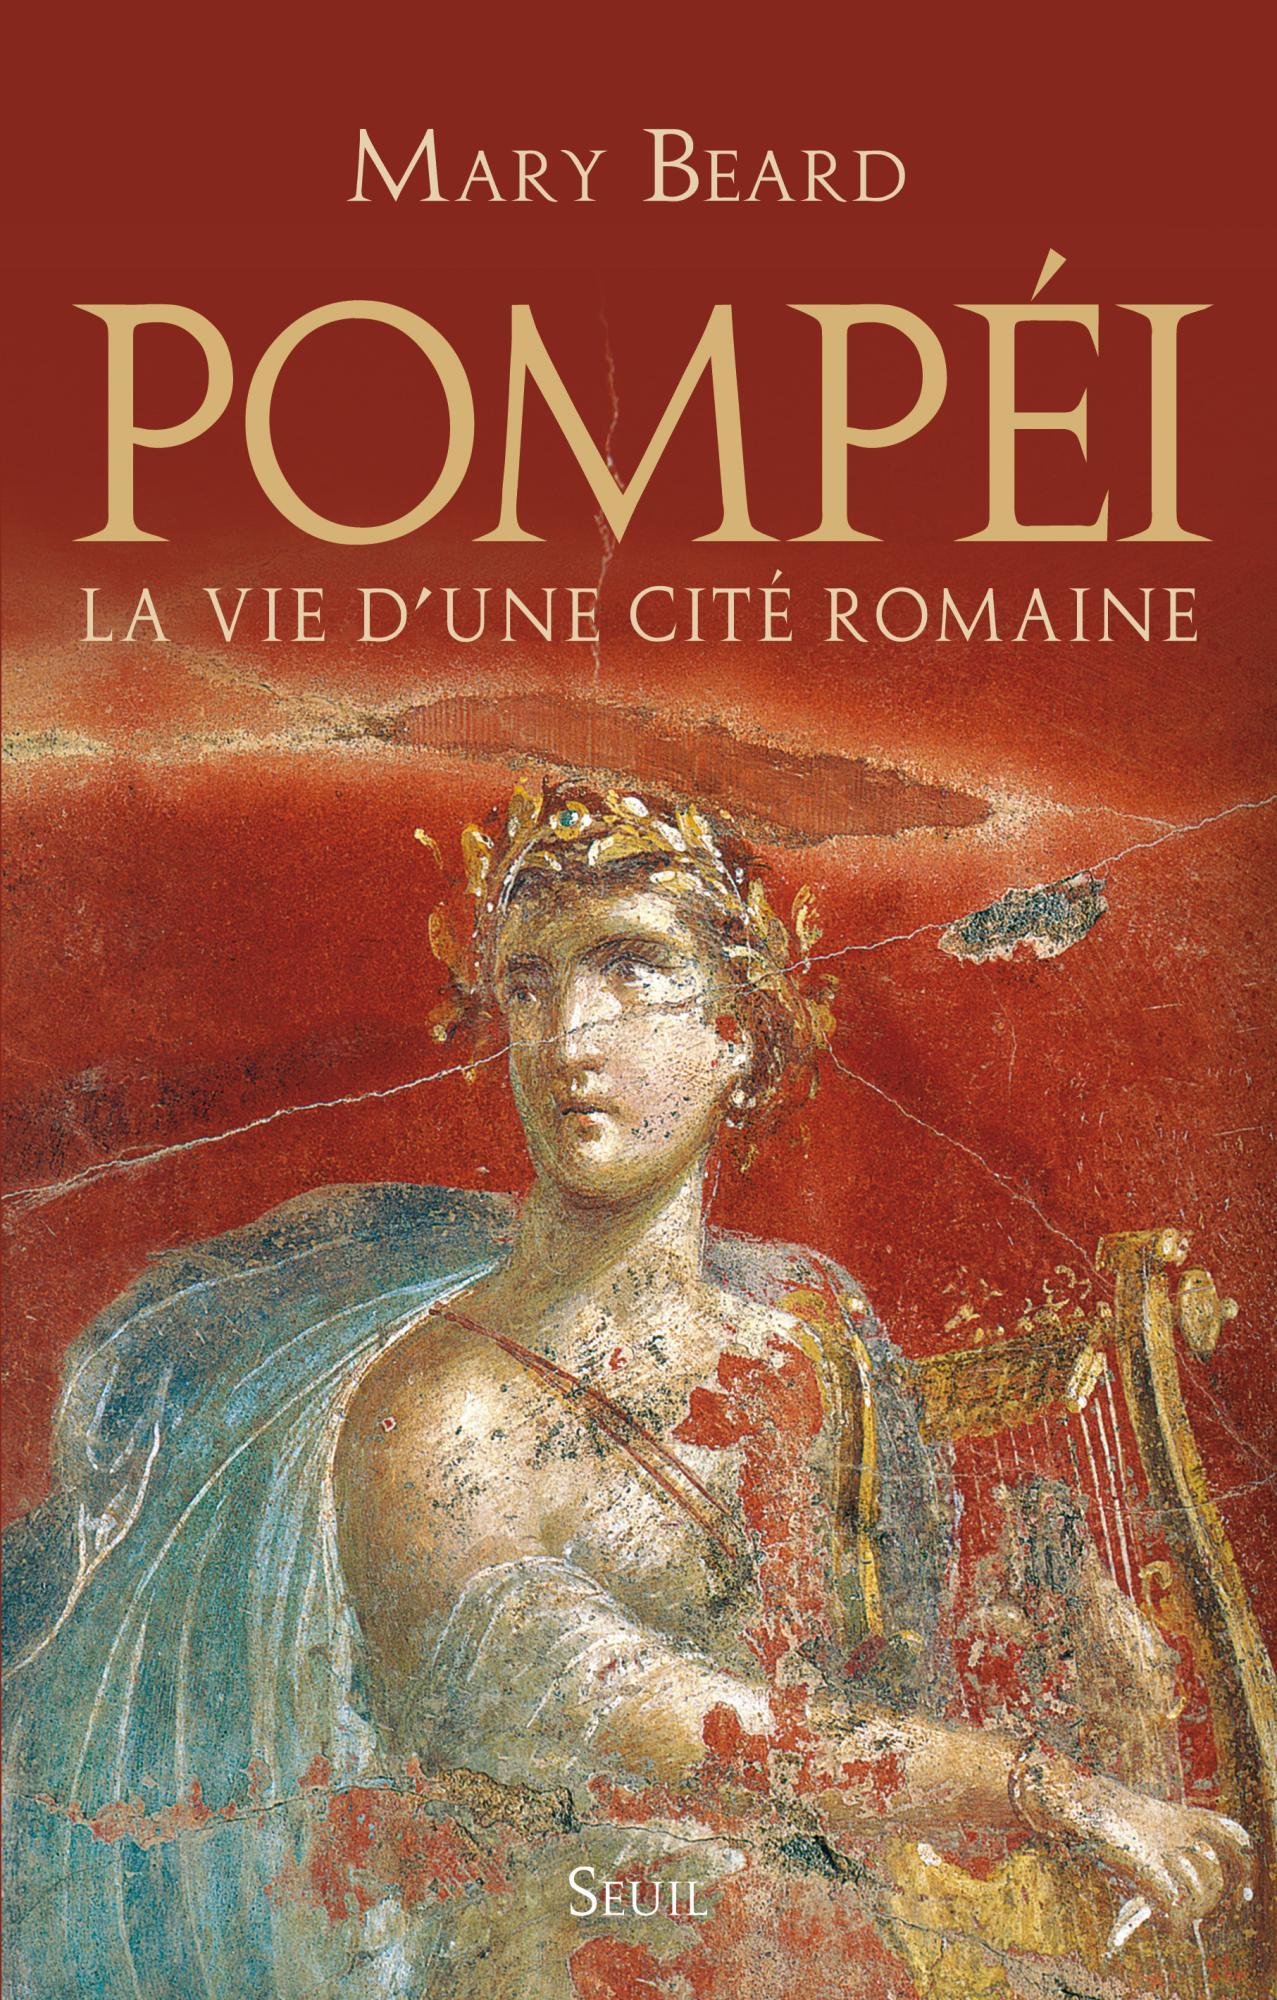 Pompéi, la vie d'une cité romaine de Mary Beard 101072_couverture_Hres_0